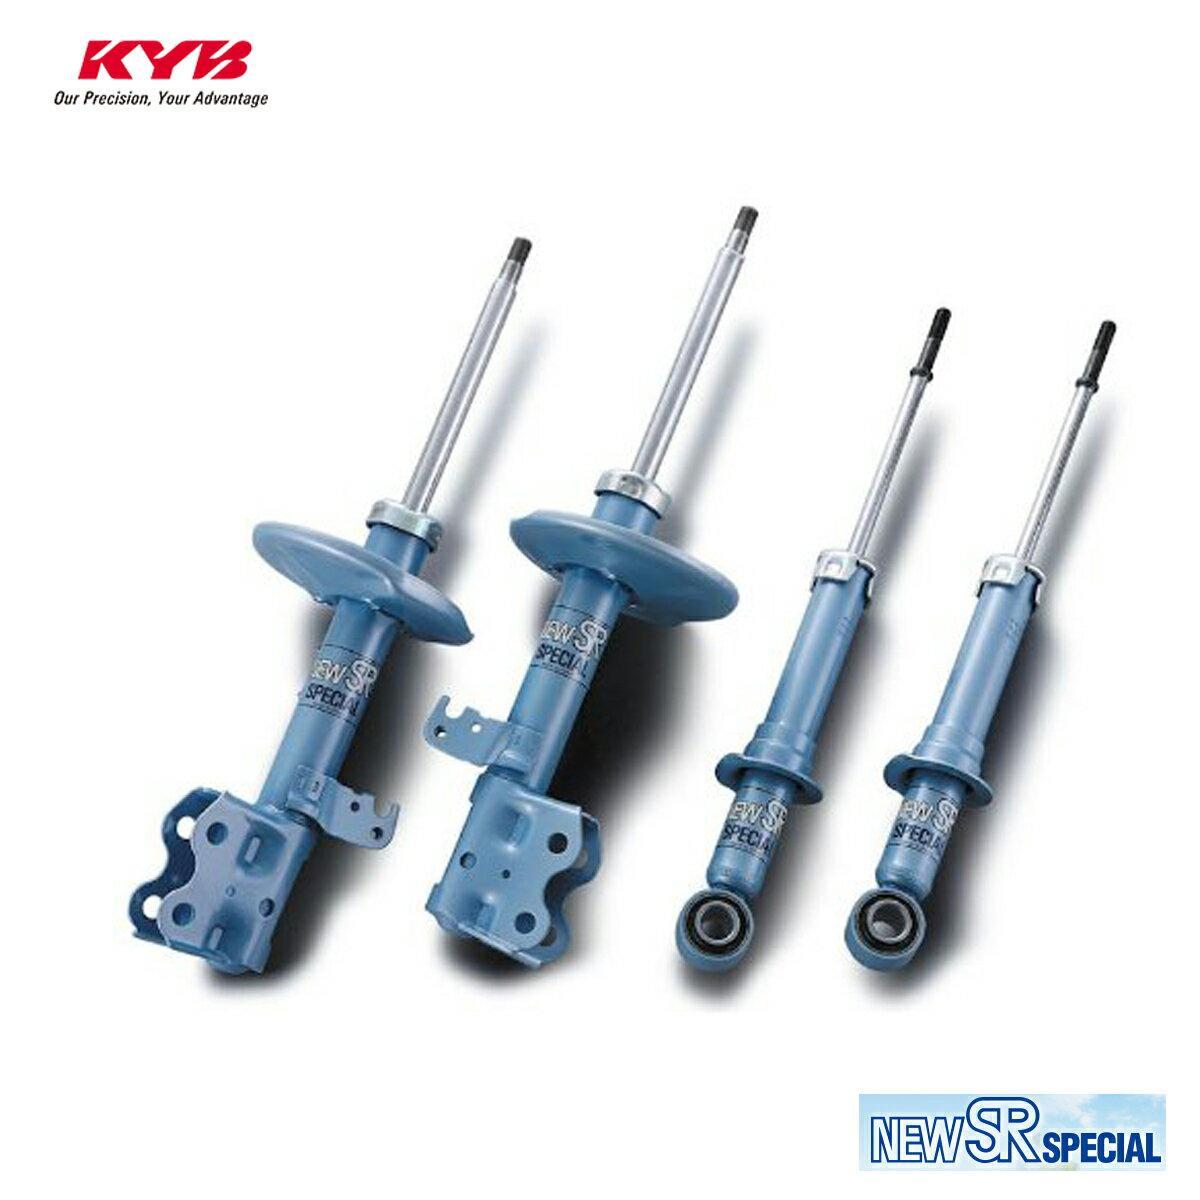 KYB カヤバ セレナ VVJC23 ショックアブソーバー フロント 左用 1本 NEW SR SPECIAL NST5117L 配送先条件有り